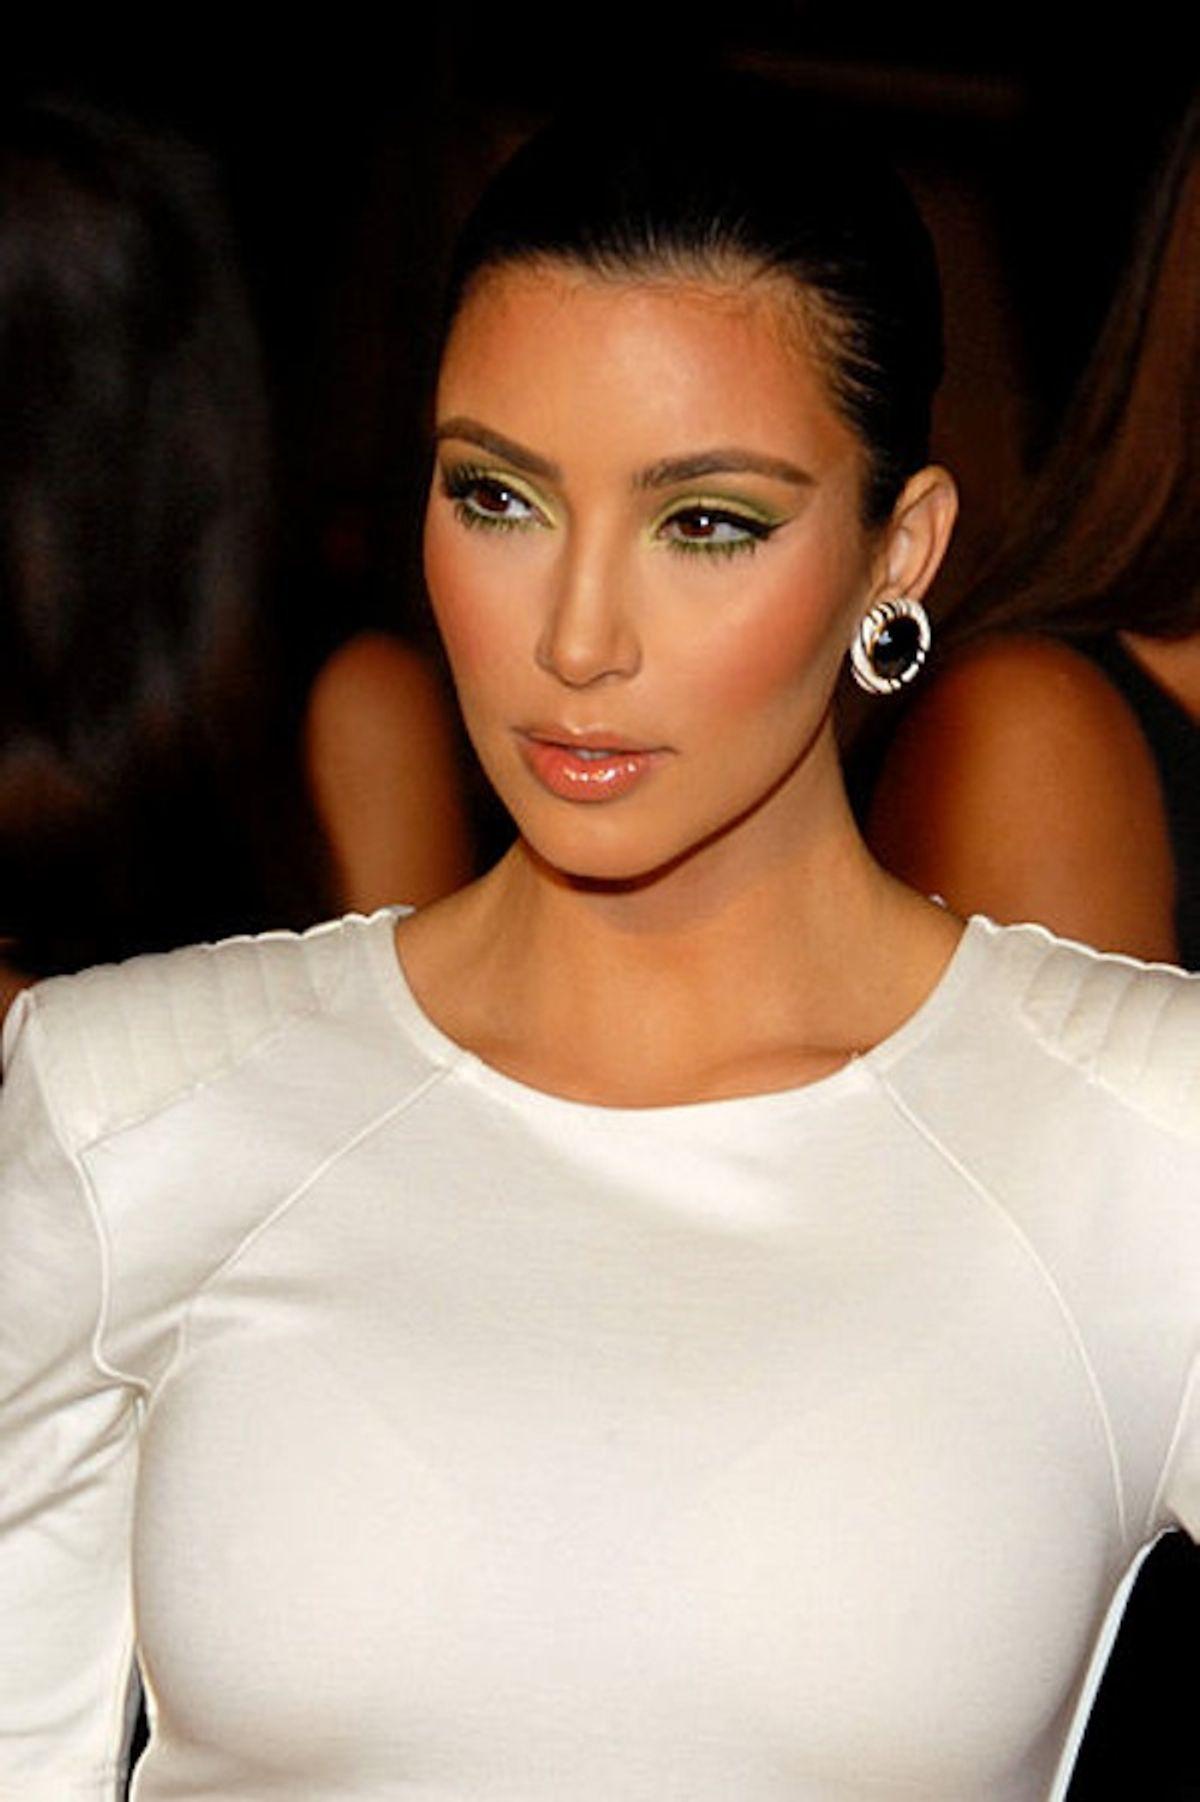 Kim Kardashian embroiled in a sex scandal.